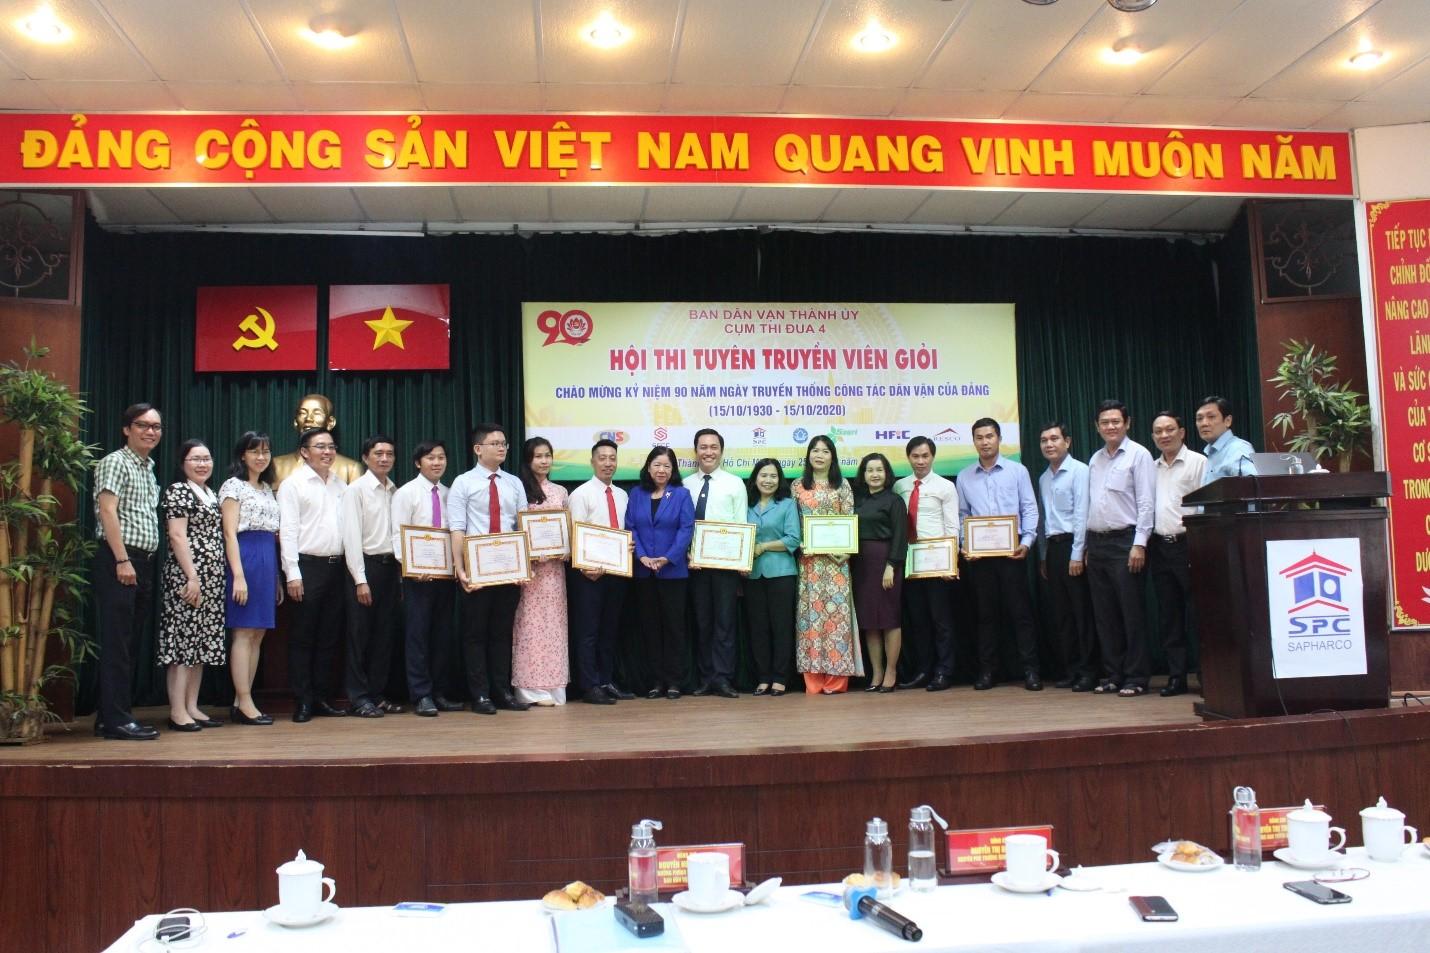 Hội thi tuyên truyền viên giỏi Cụm thi đua 4 – Ban Dân vận Thành ủy